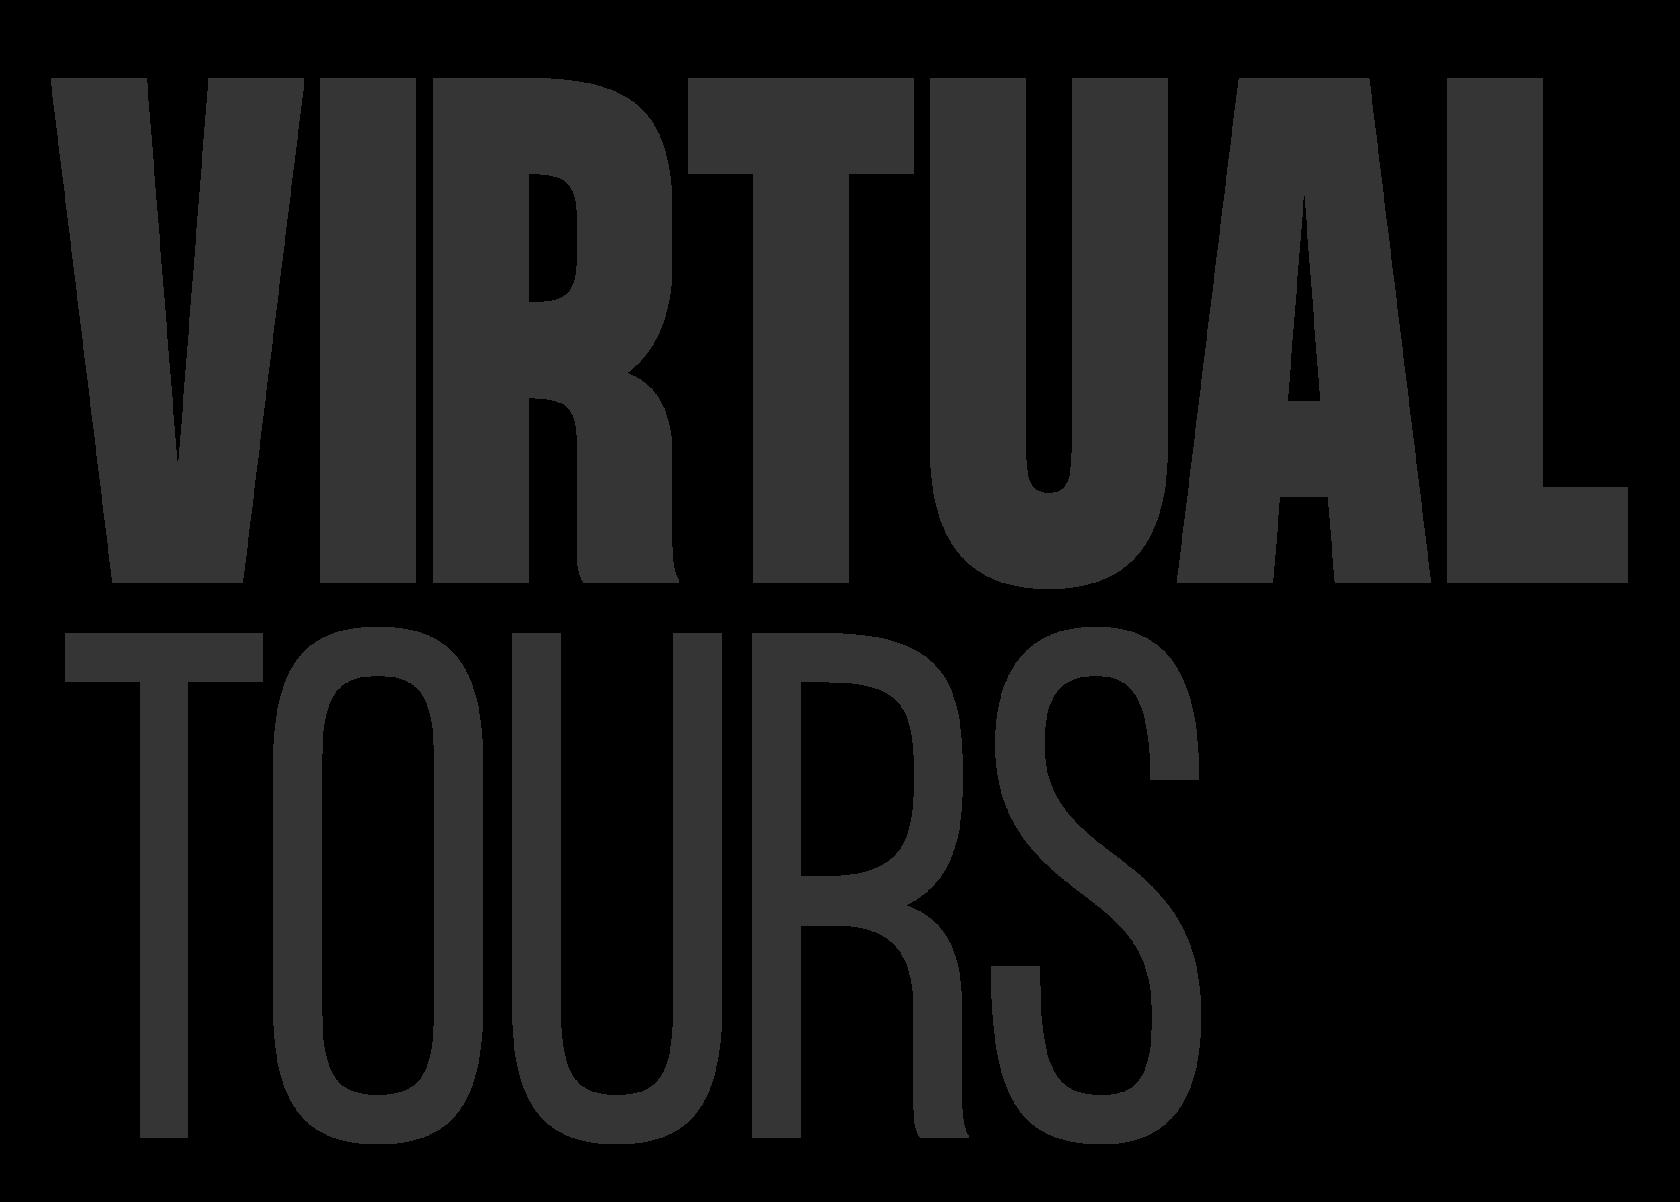 v-tour-02